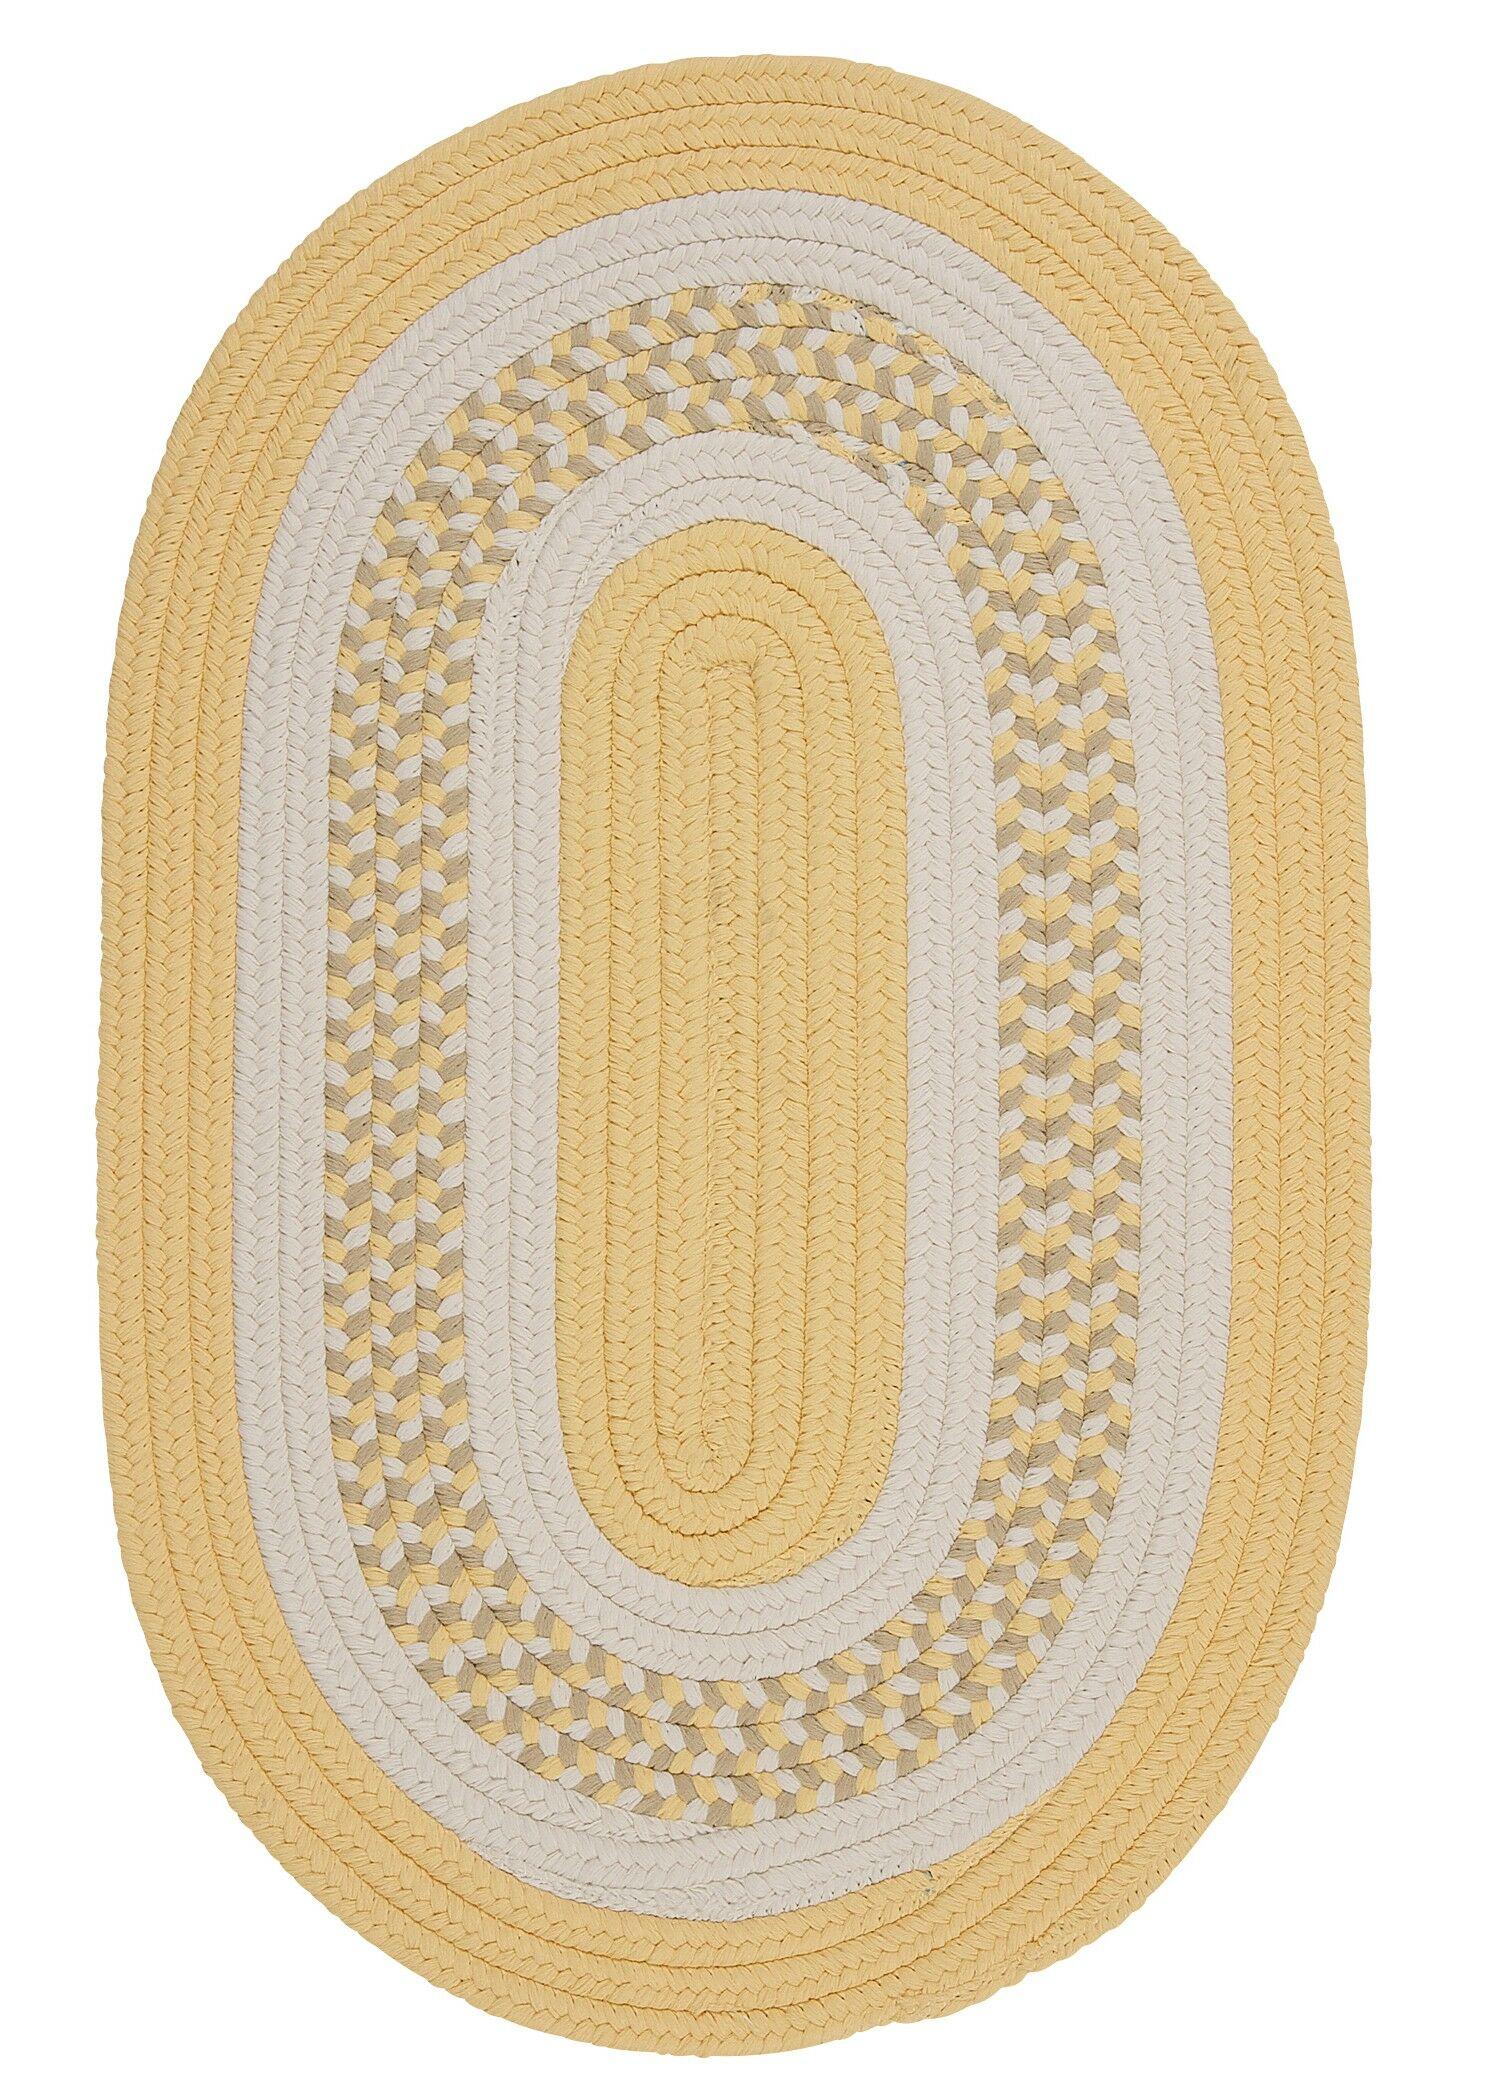 Germain Yellow/Gray Indoor/Outdoor Area Rug Rug Size: Round 6'